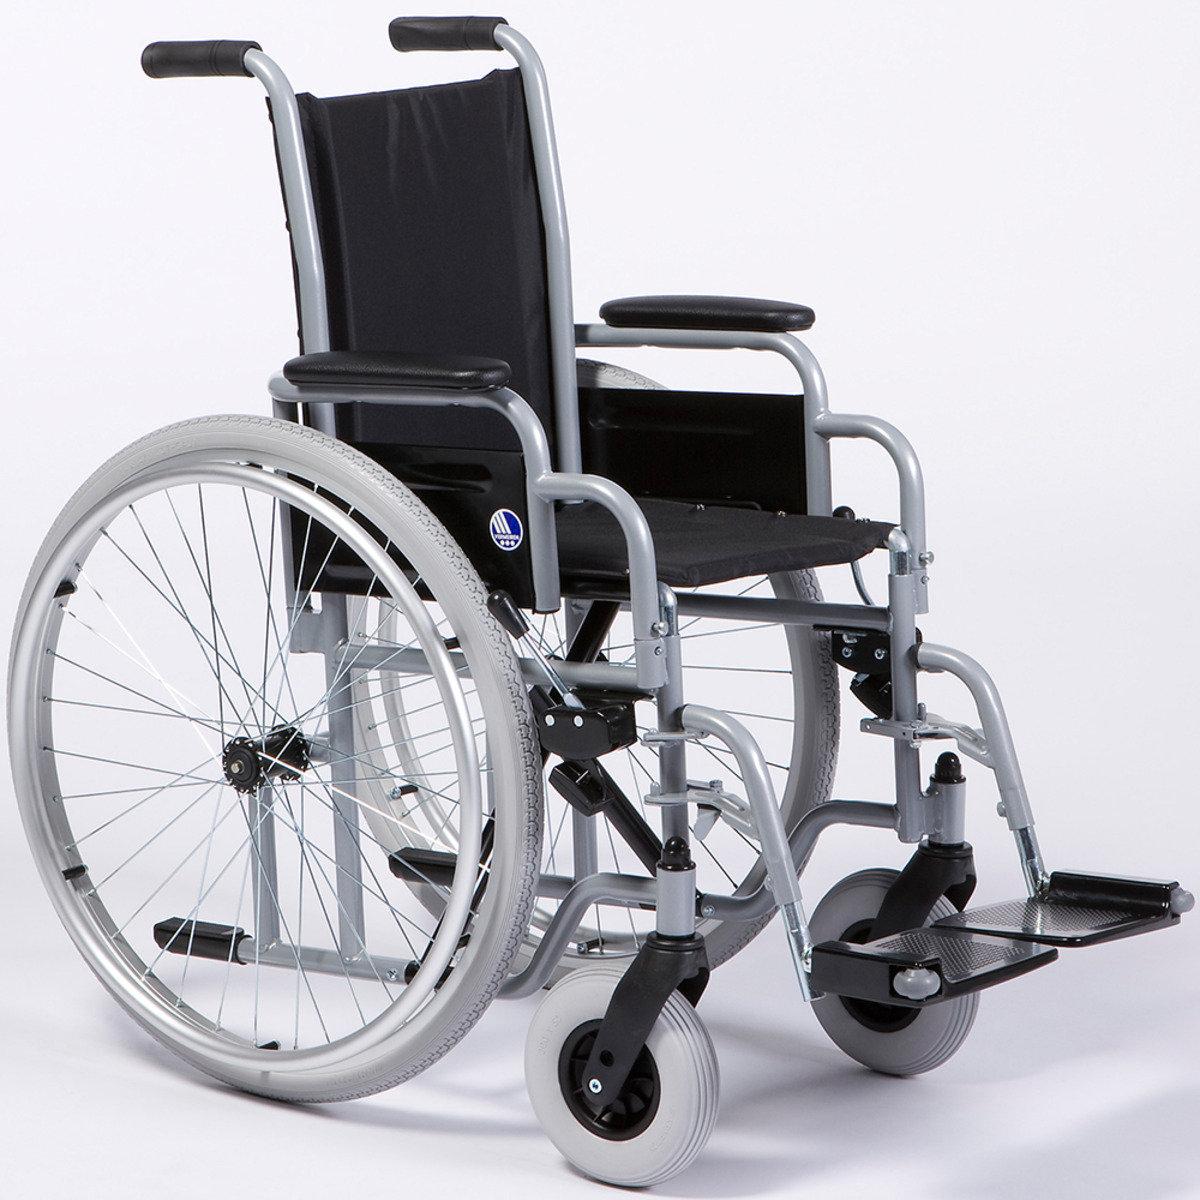 比利時 708 Kids 多功能兒童輪椅 (32cm座闊)